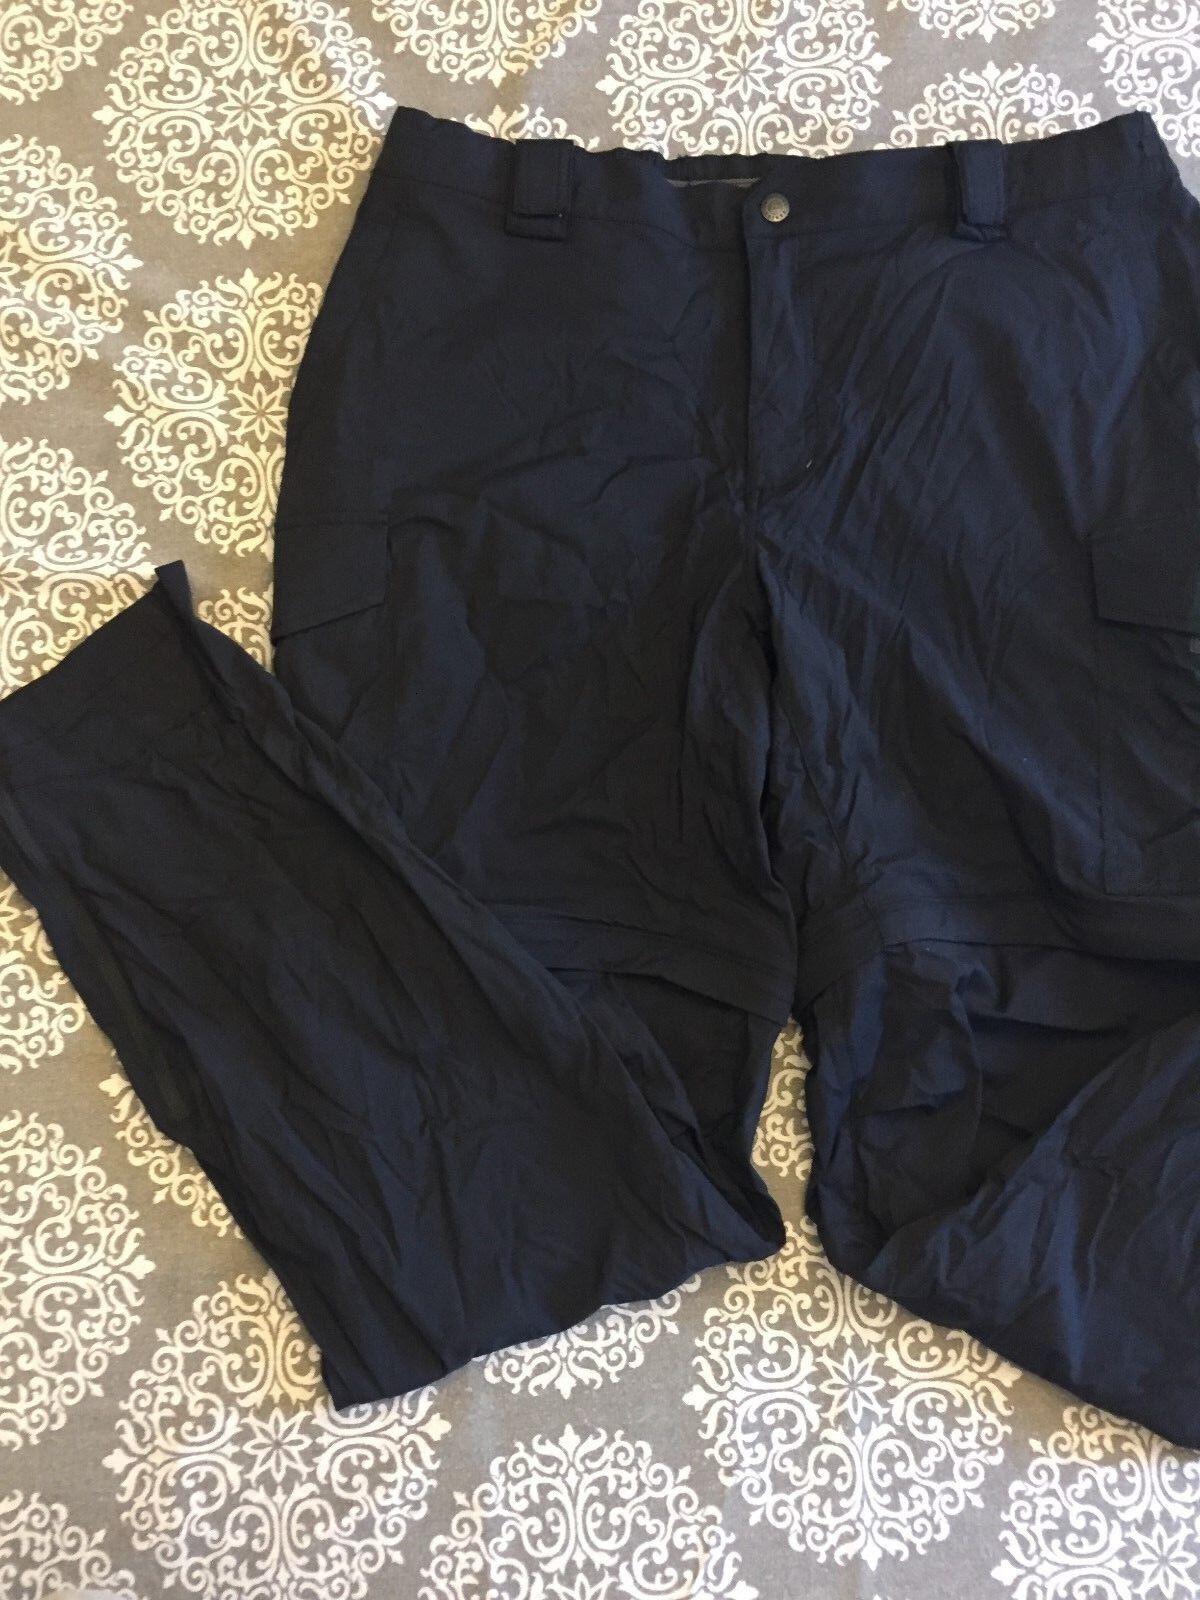 5.11 Tactical Bike Patrol Pants   Dark Navy   38 Waist x 36 inseam   NWOT   Zip